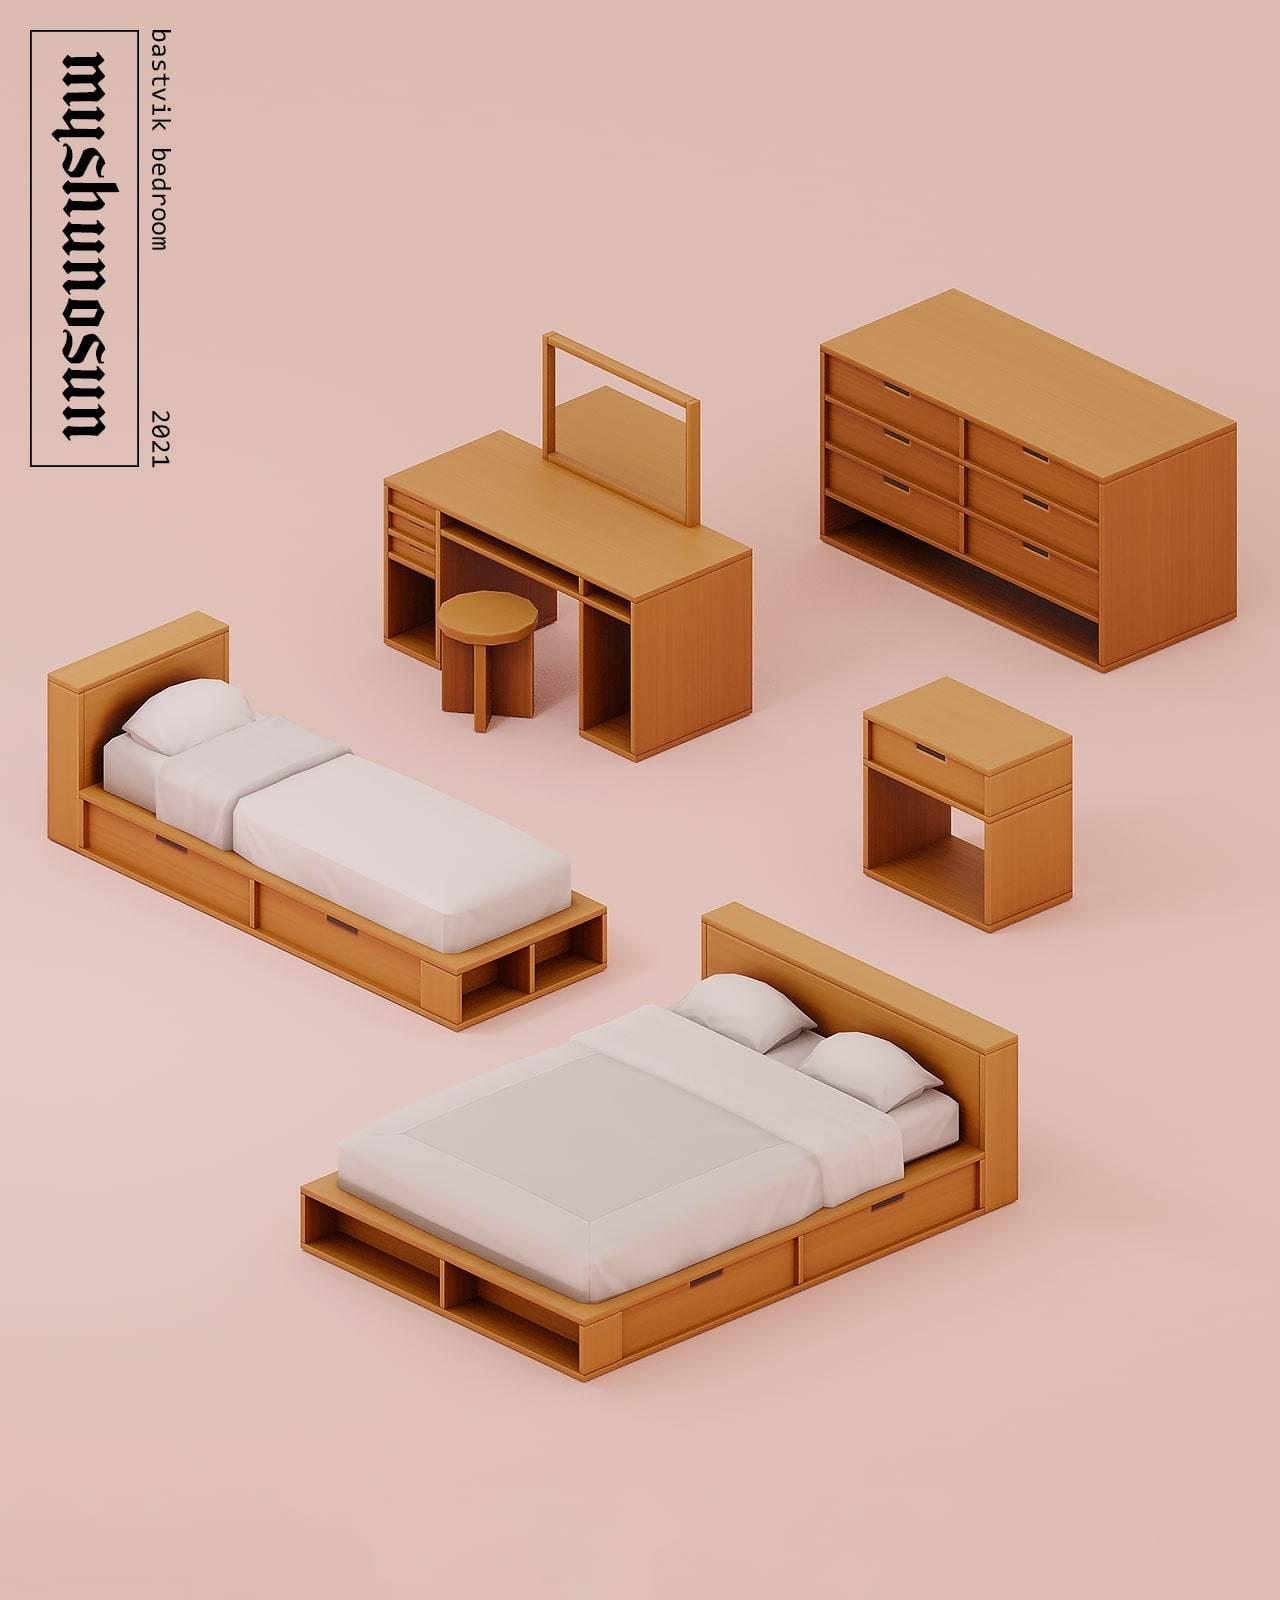 Набор мебели для спальни - Bastvik bedroom